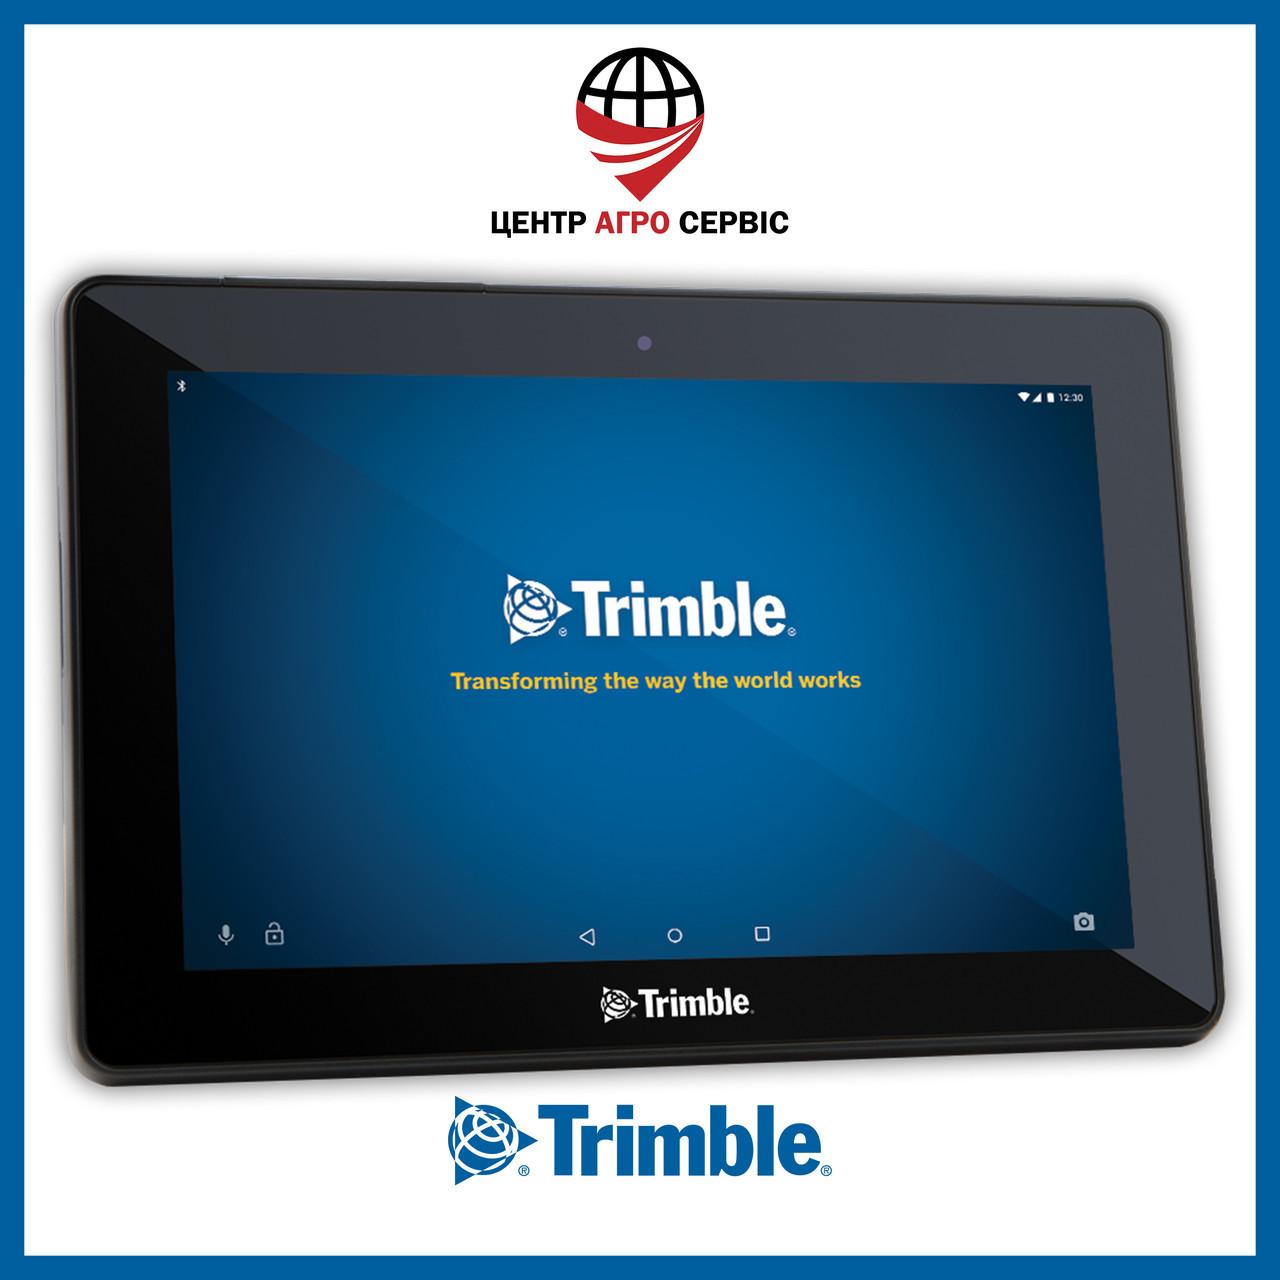 Курсовказівник (система паралельного водіння, агронавігатор) Trimble GFX 750